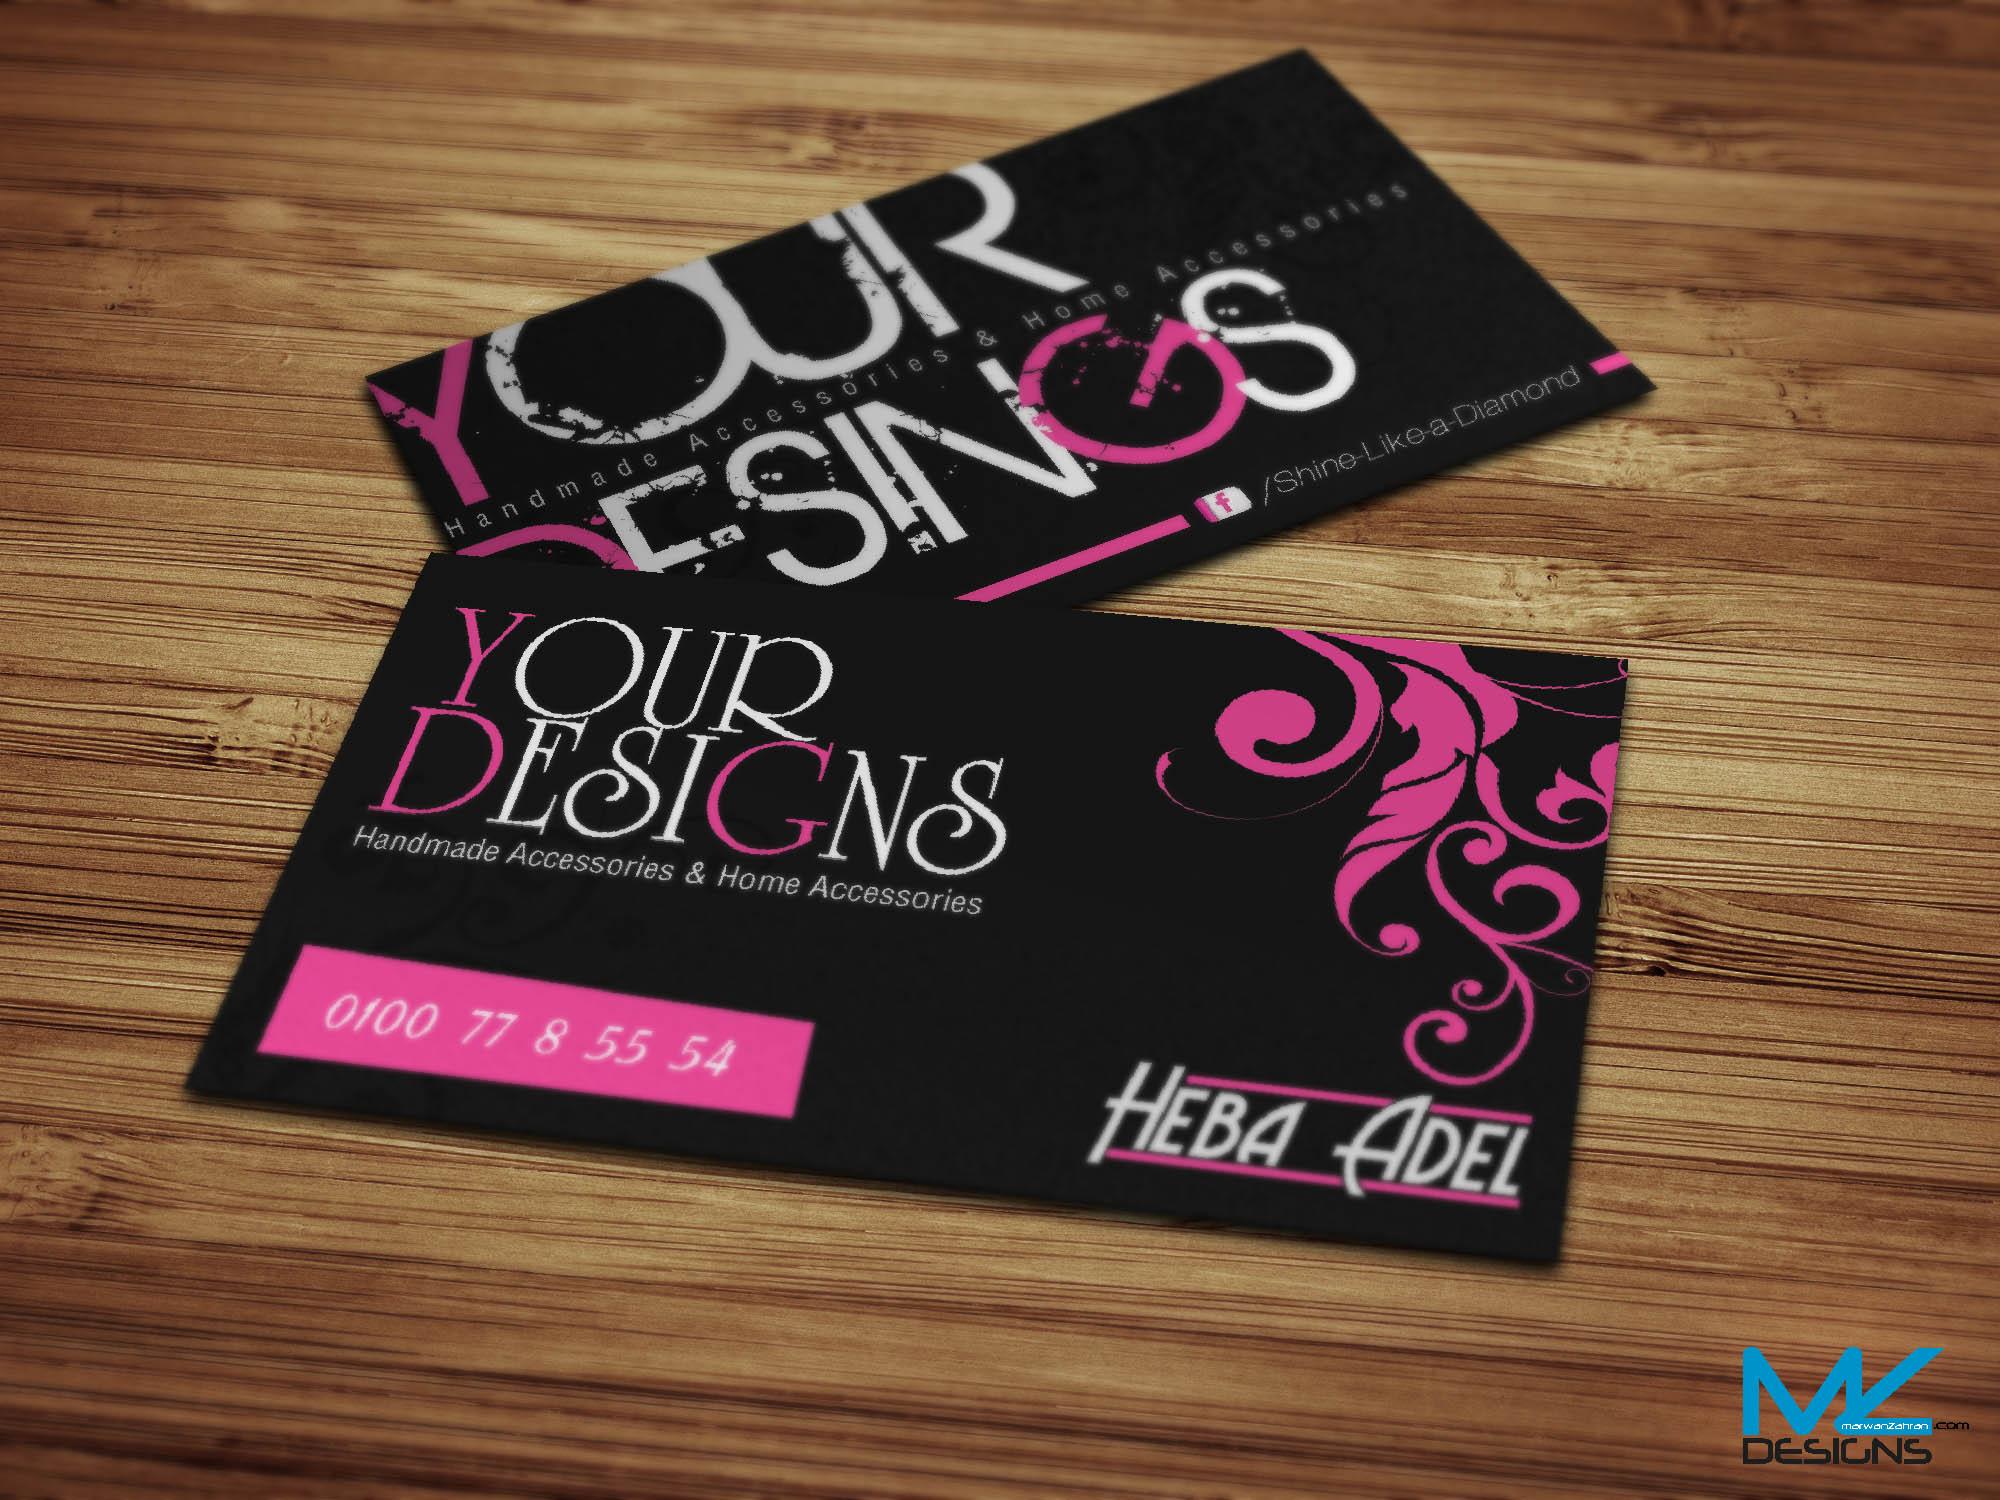 accessories group business card design by marwanzahran on deviantart